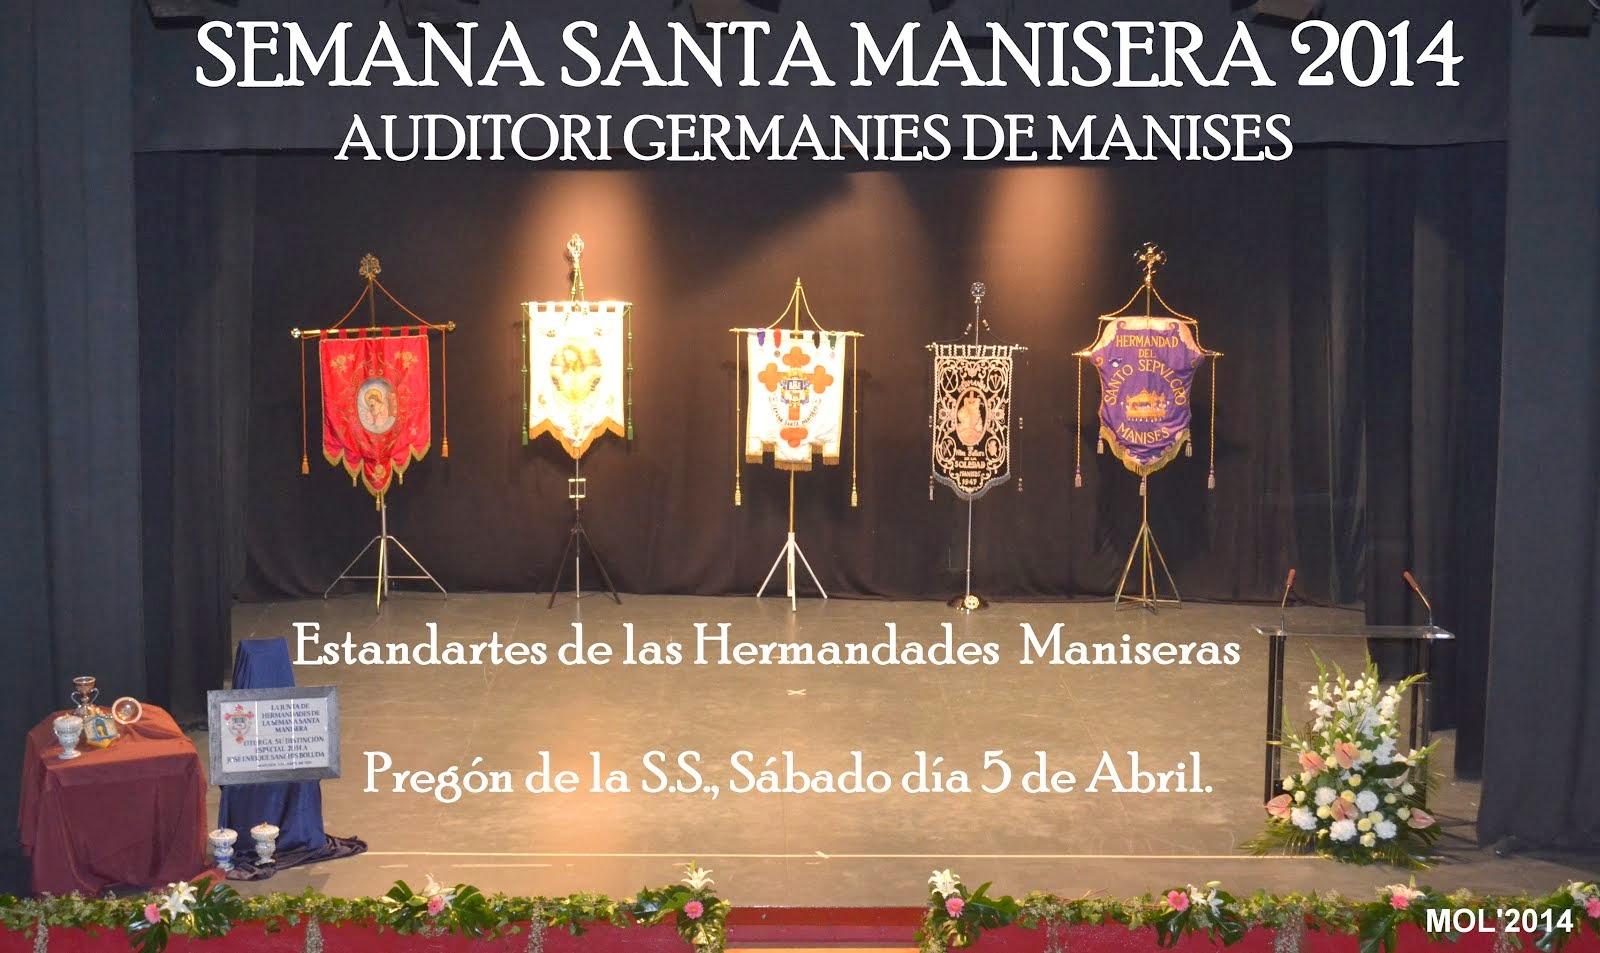 PREGÓN DE LA SEMANA SANTA MANISERA 2014